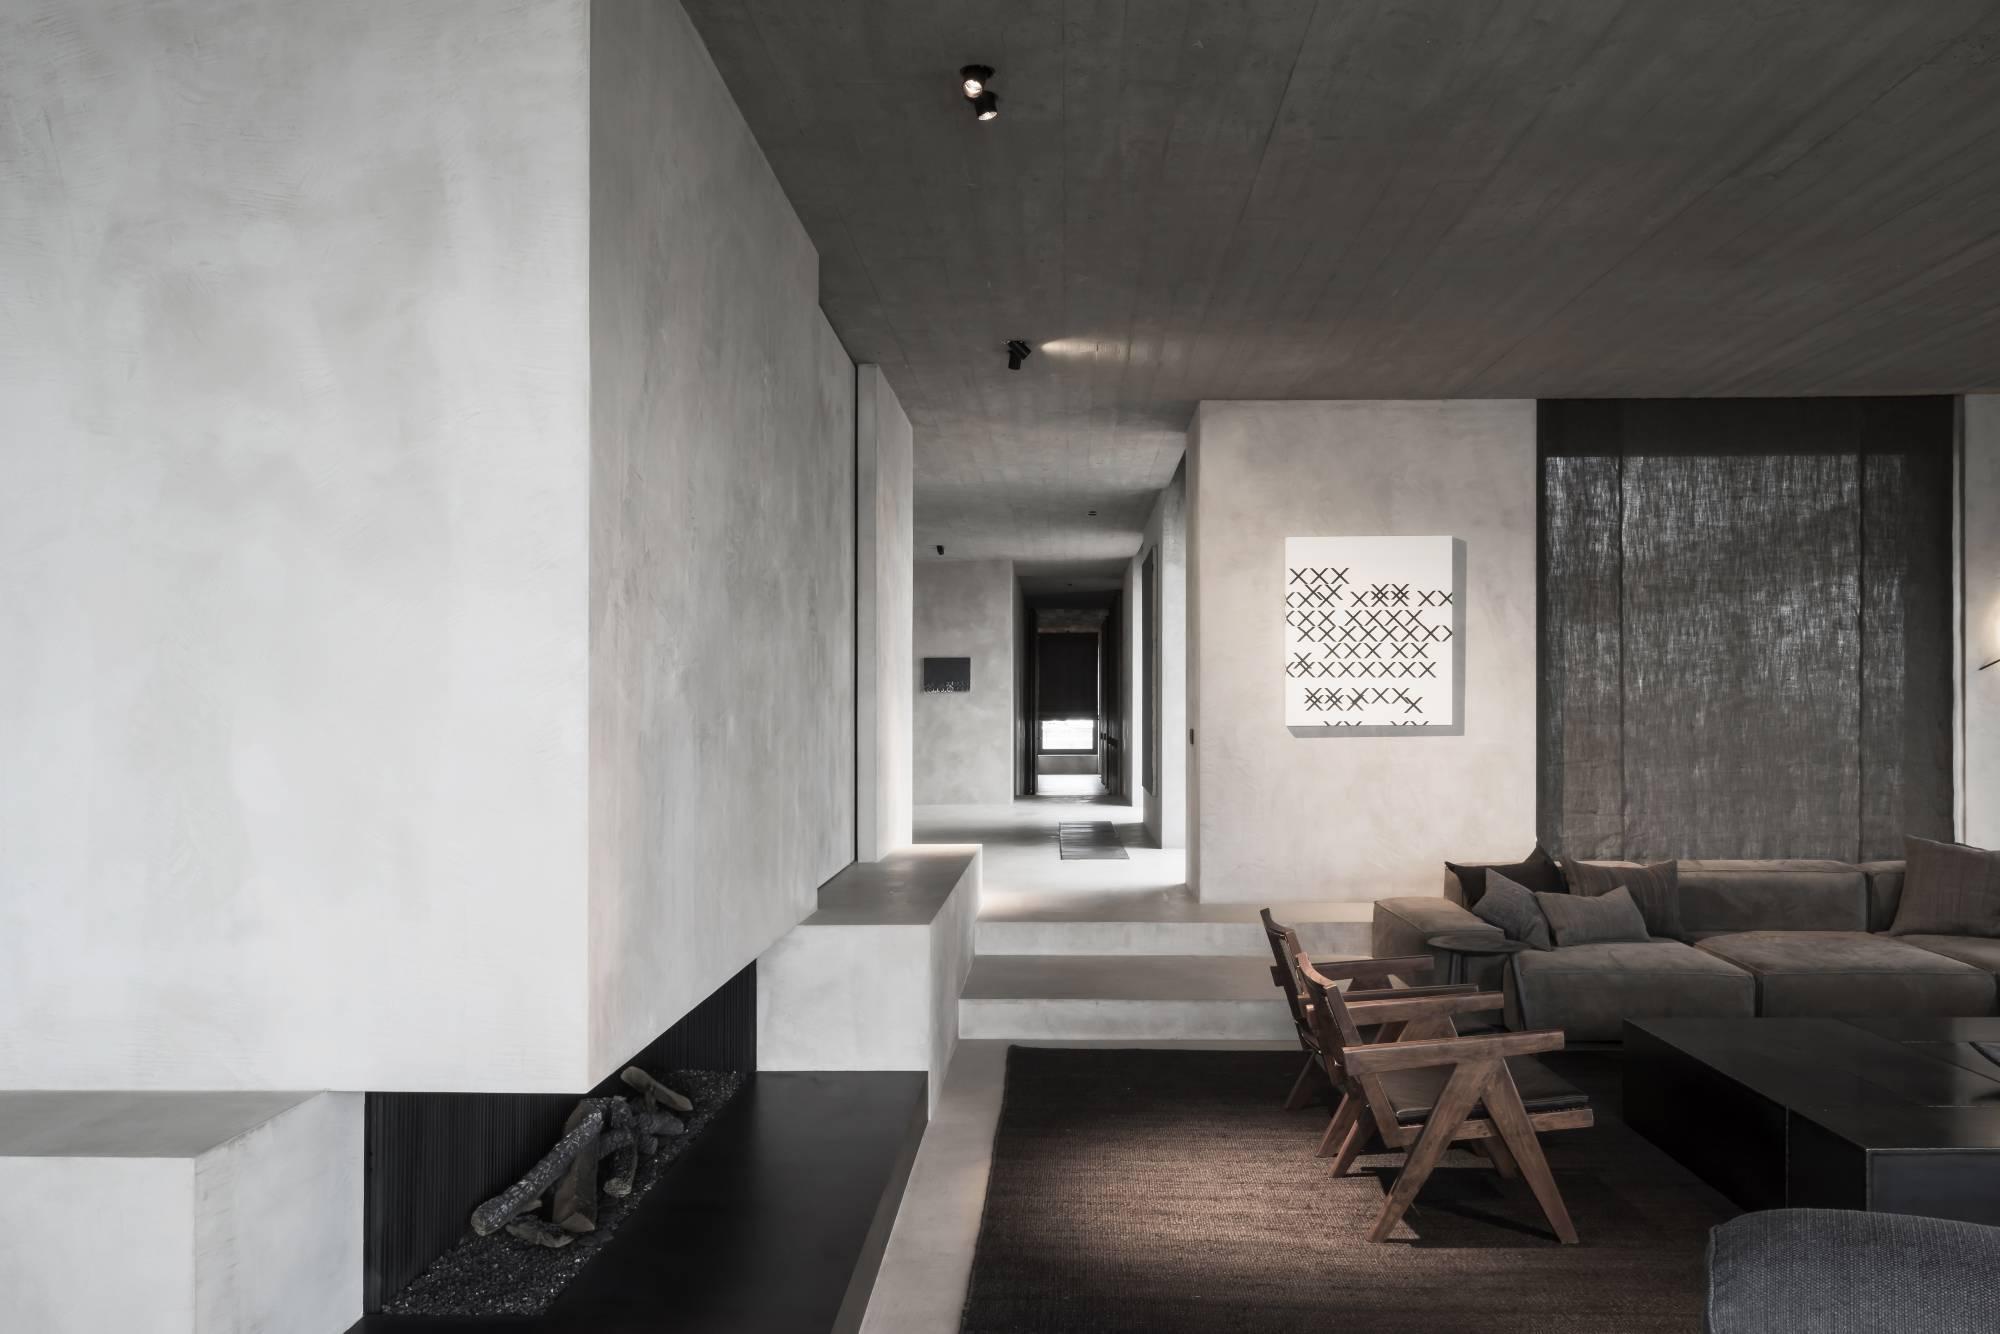 vincent van duysen, design  vincent van duysen Vincent Van Duysen: Beauty And Essentiality. 2 Vincent Van Duysen C Penthouse    Koen Van Damme